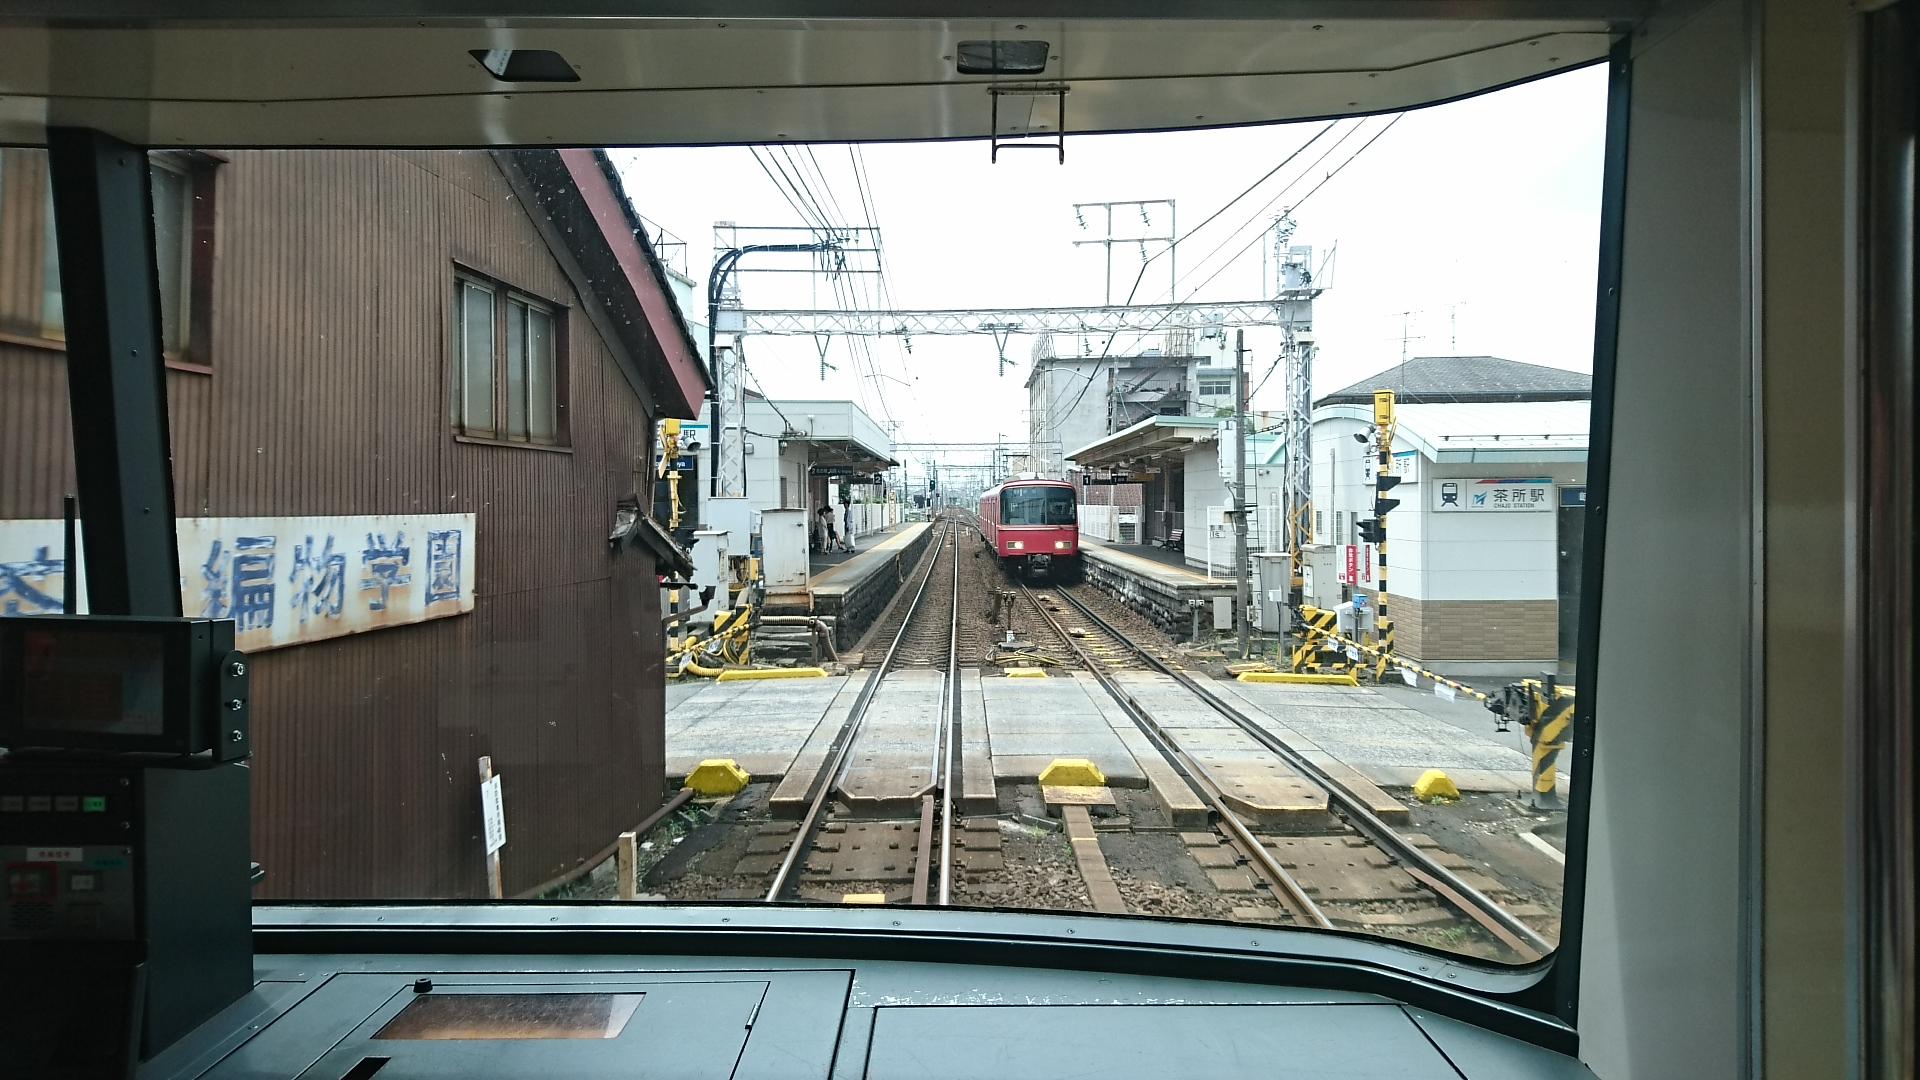 2017.8.3 笠松 (14) 須ヶ口いきふつう - 茶所 1920-1080